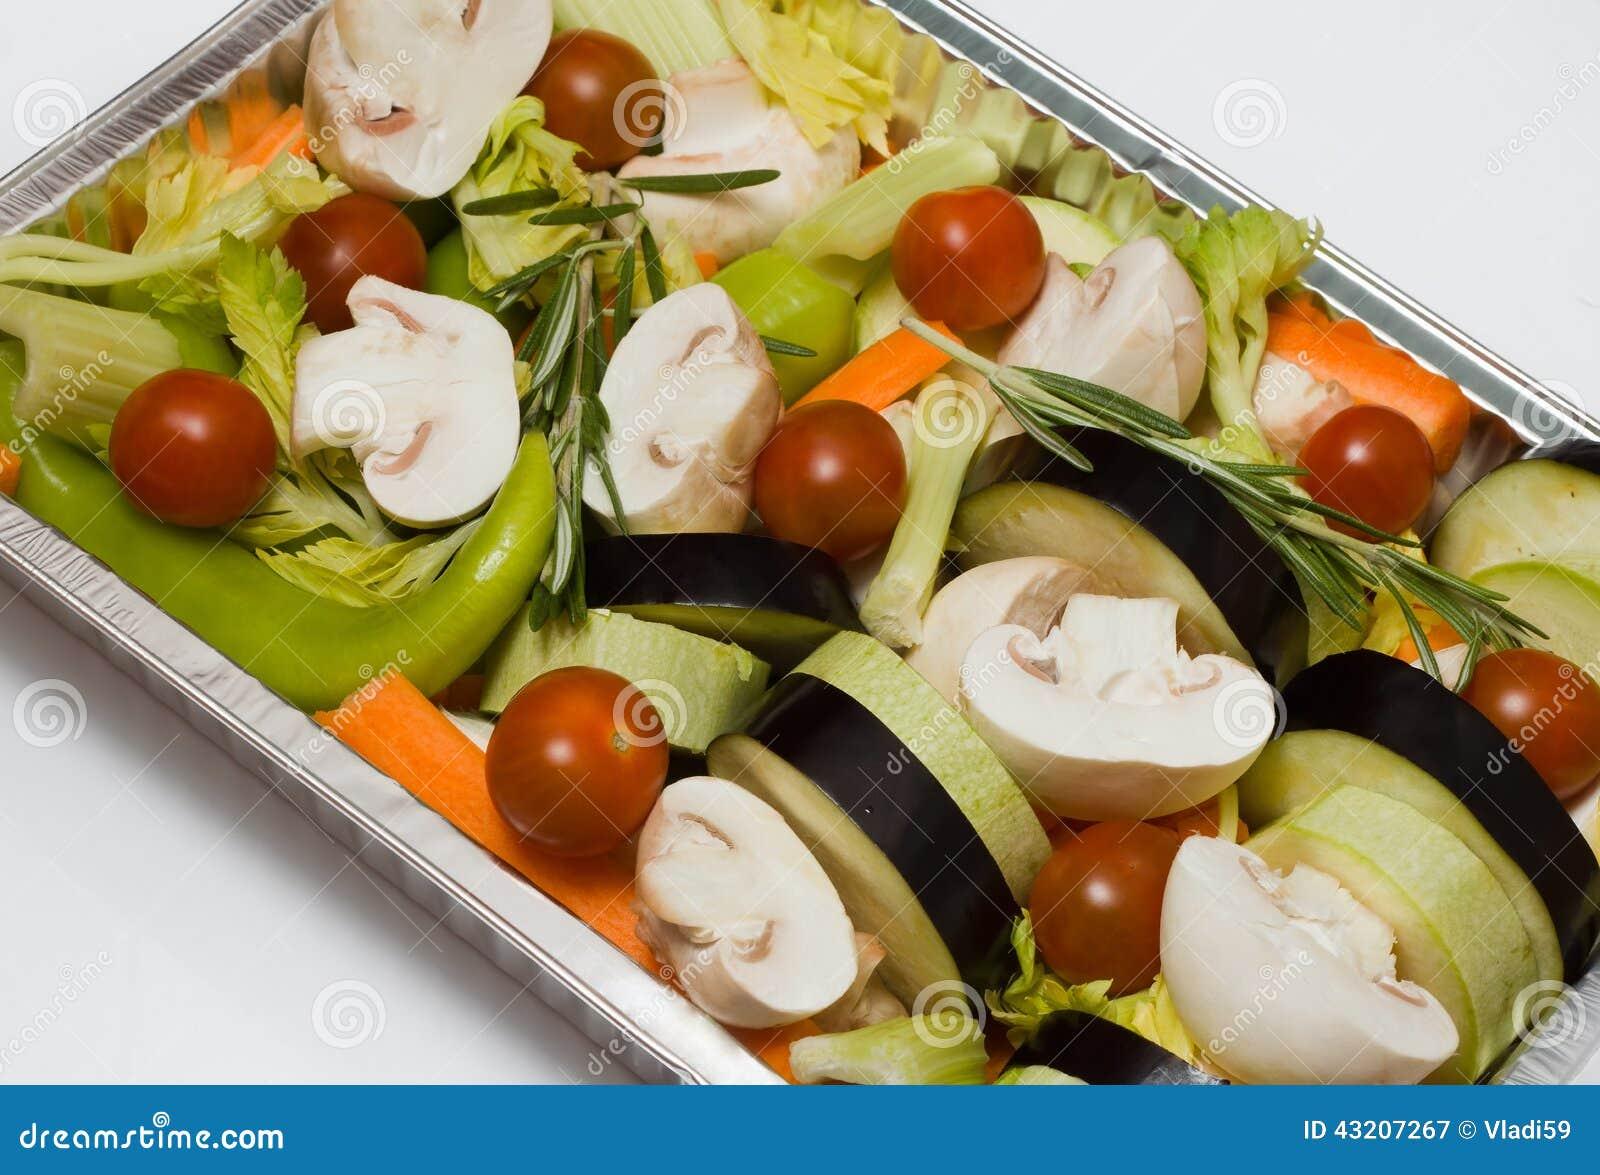 Download Förberedda grönsaker fotografering för bildbyråer. Bild av meny - 43207267